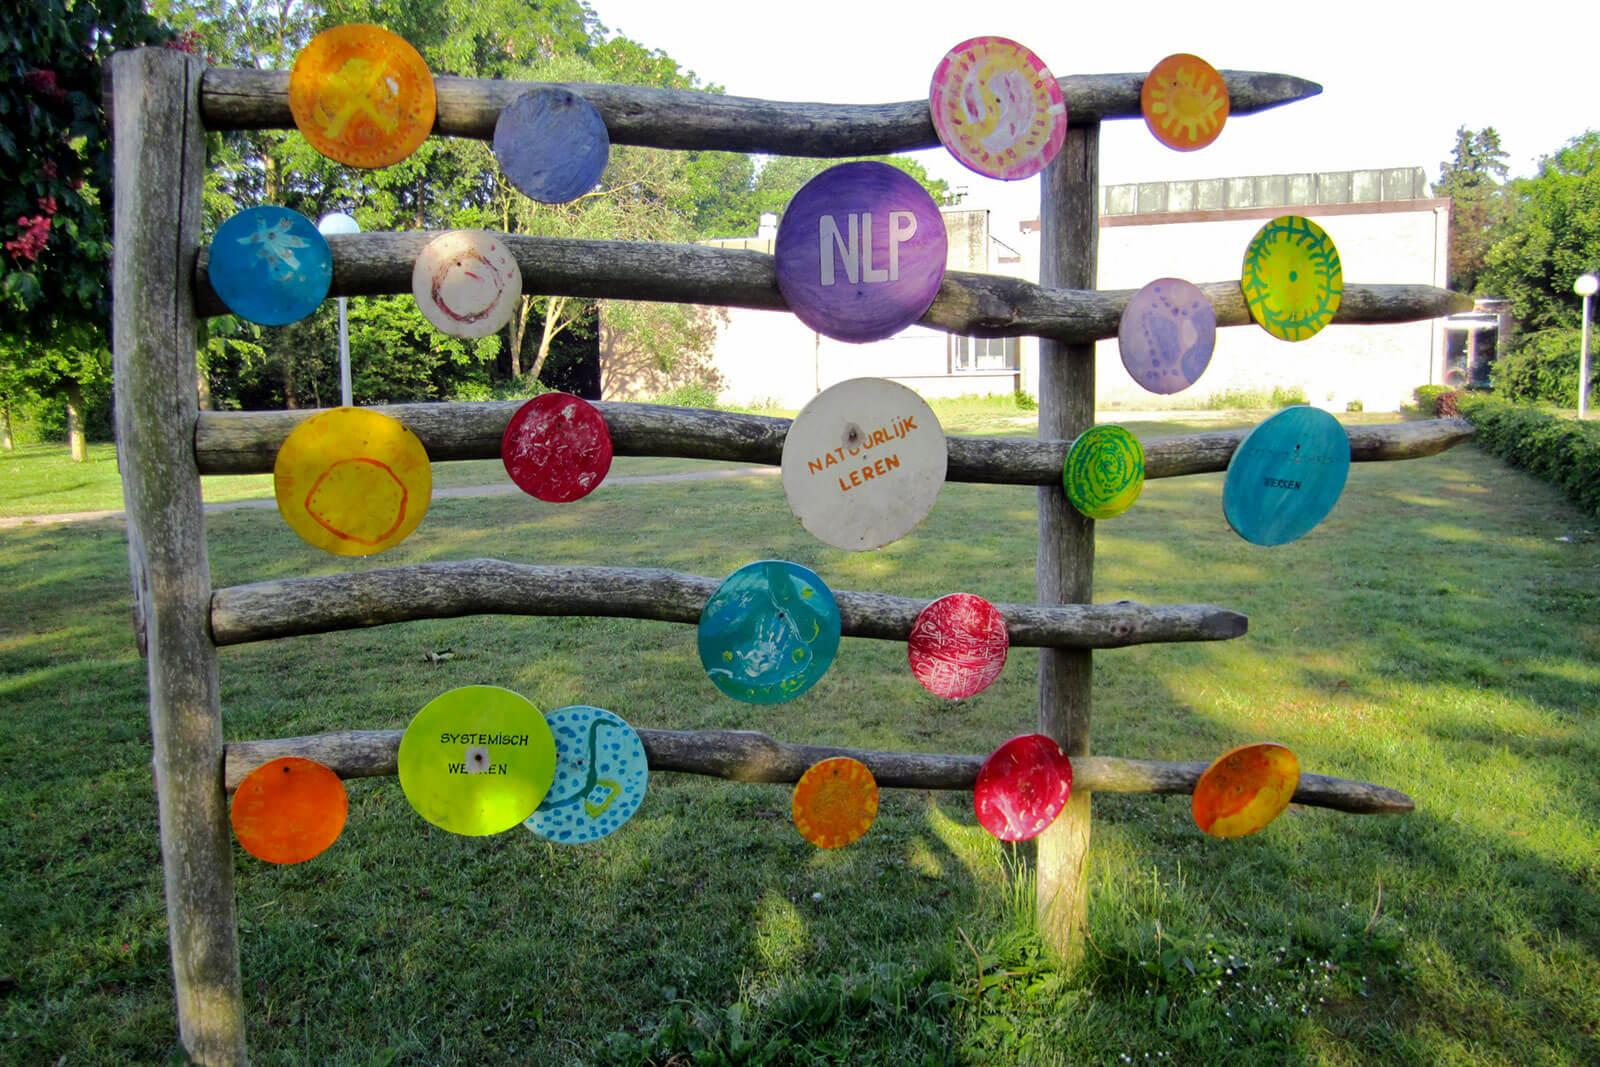 Círculos coloridos, ligados à temática da PNL, afixados sobre estrutura de madeira, num jardim.